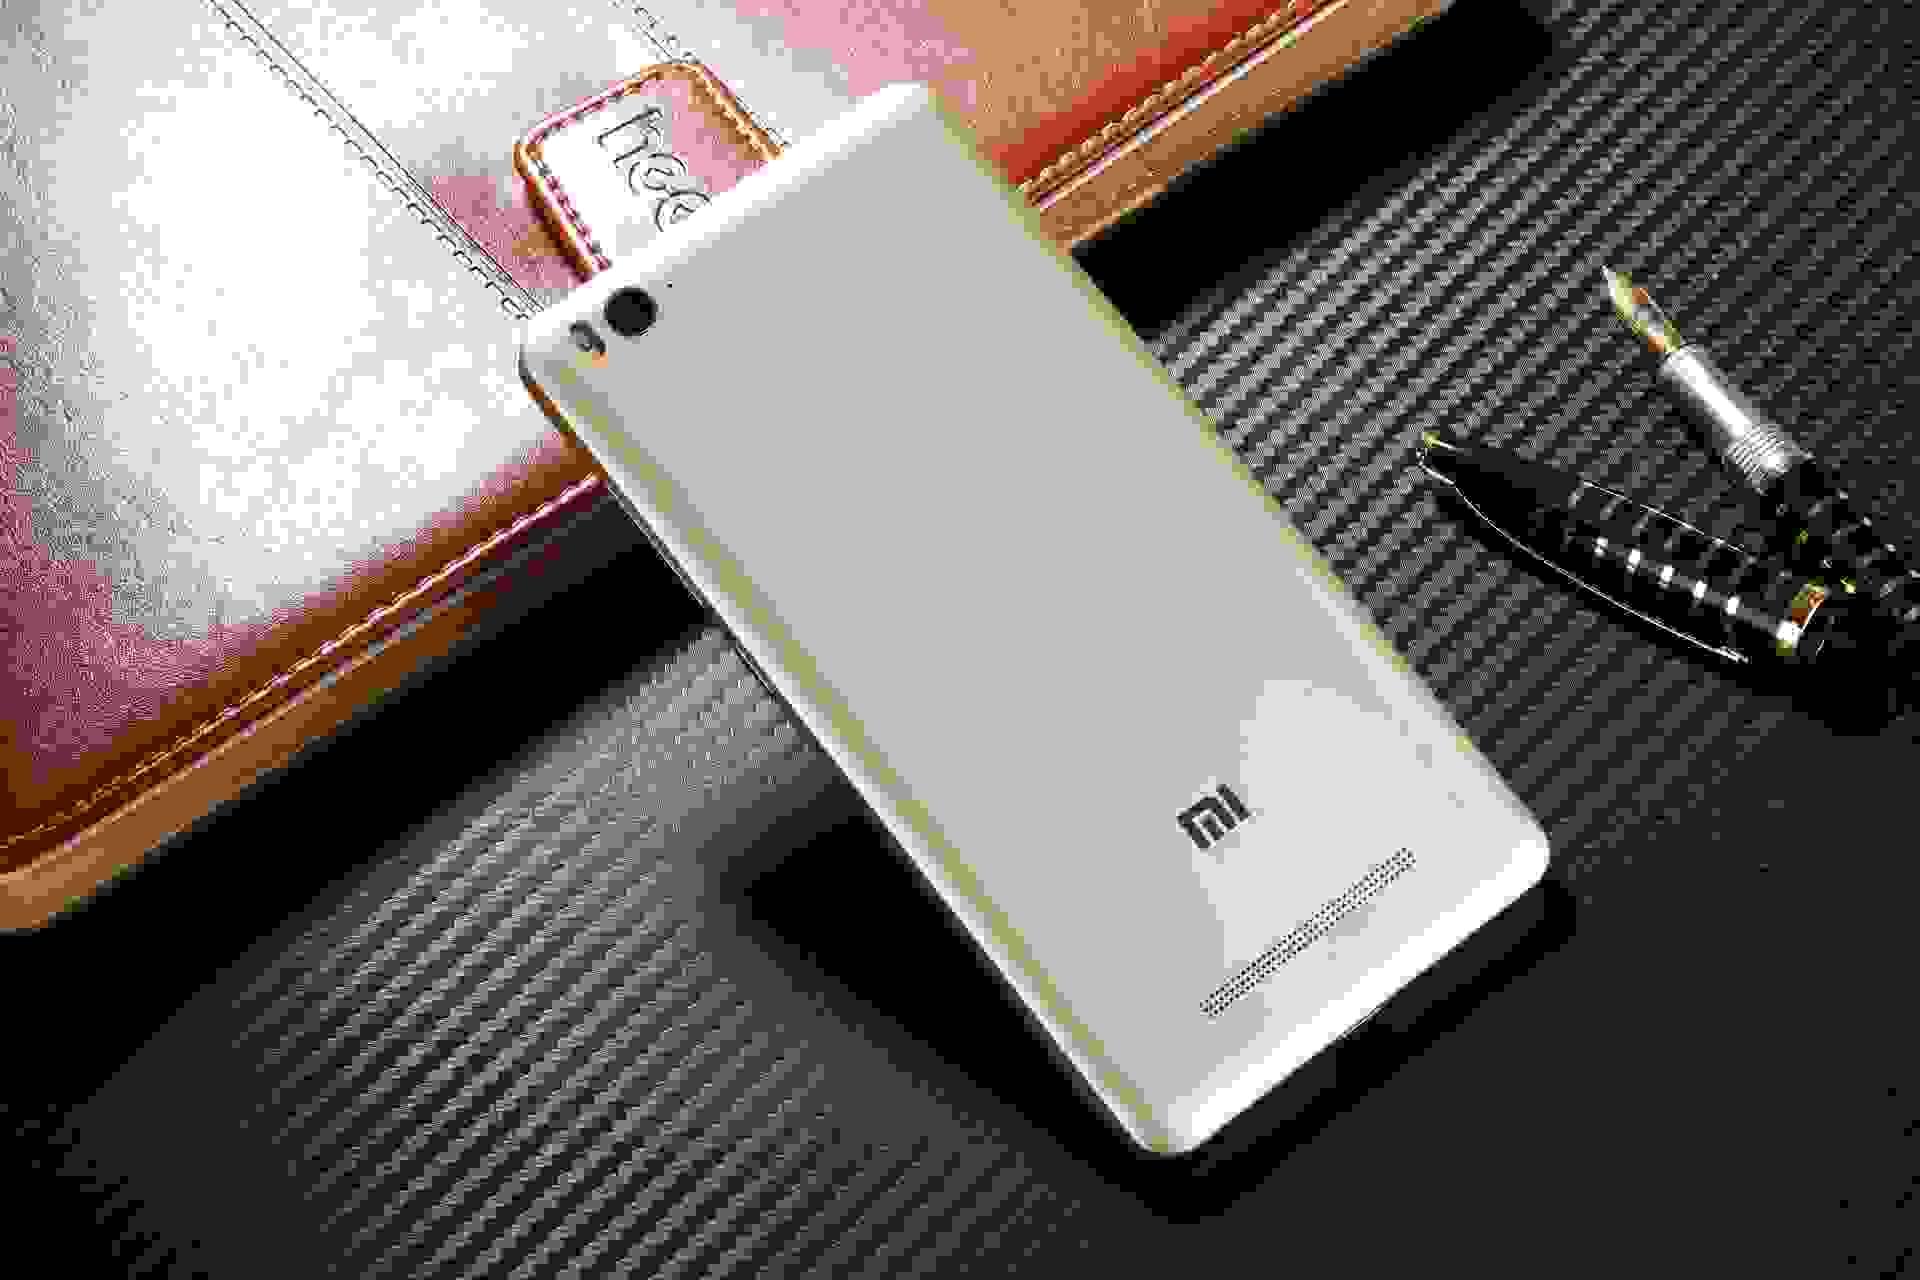 小米4c糖果后盖4c小米后盖后盖色电池后盖小米手机后壳手机后盖中国区iphone游戏芬兰排行图片